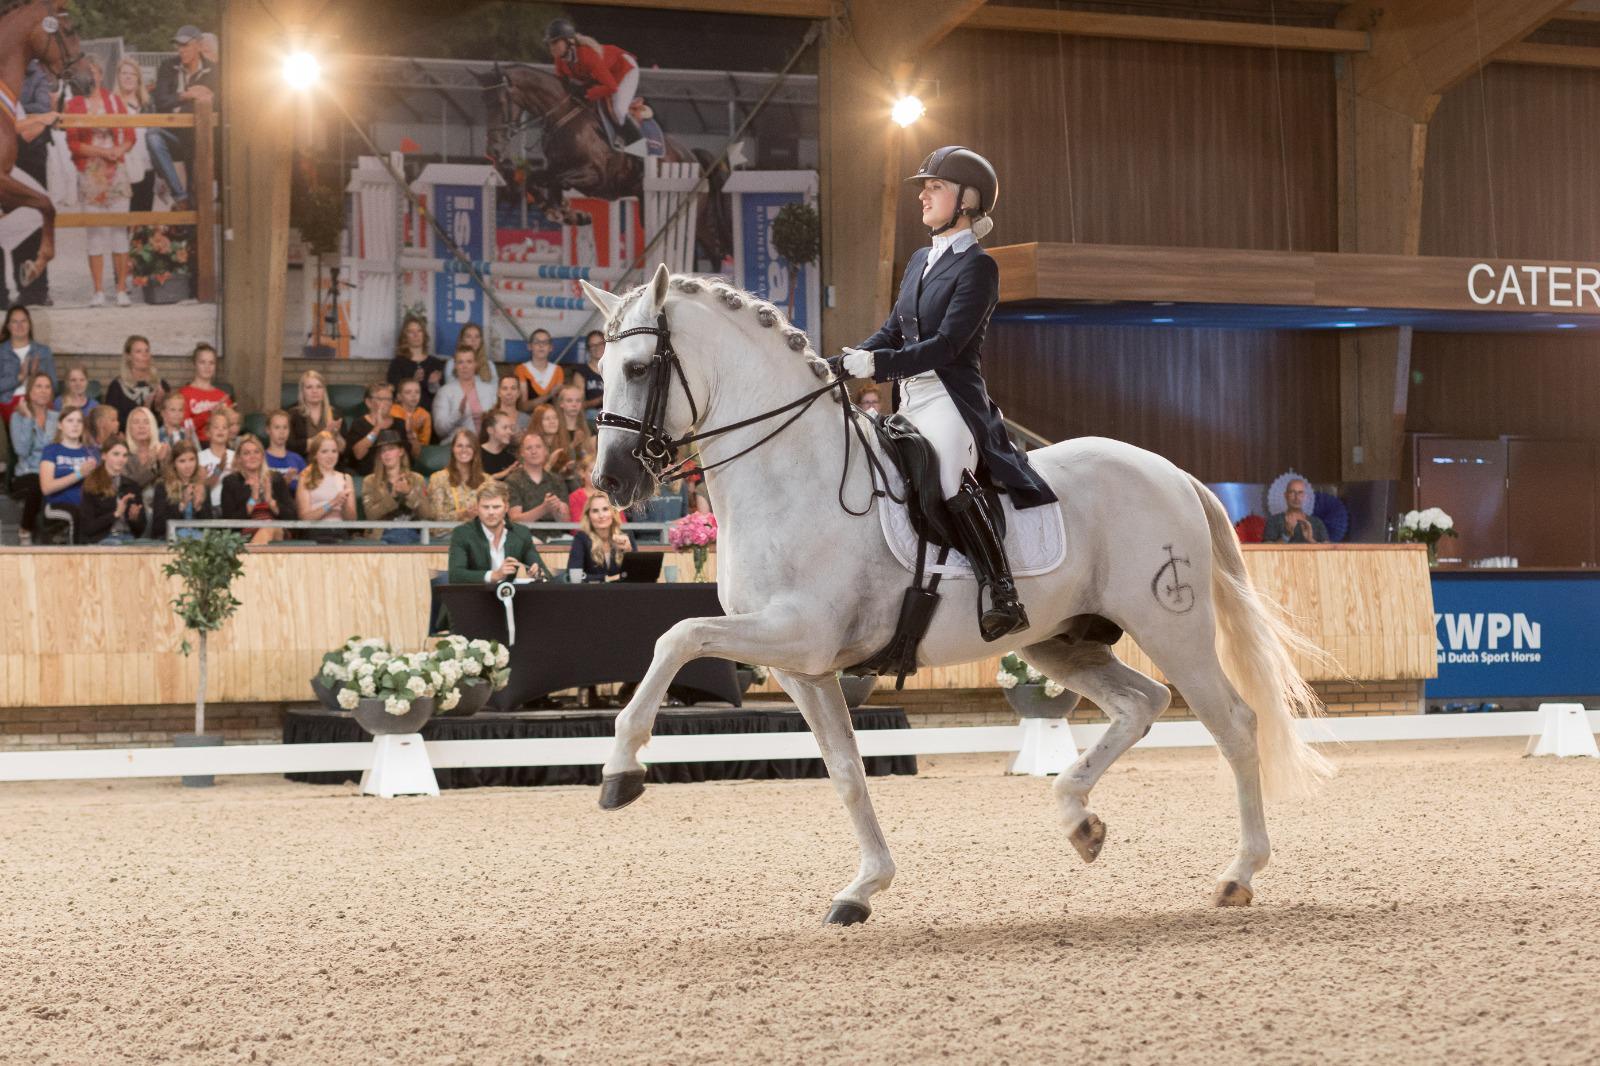 Britt Dekker: liever op een paard dan op tv